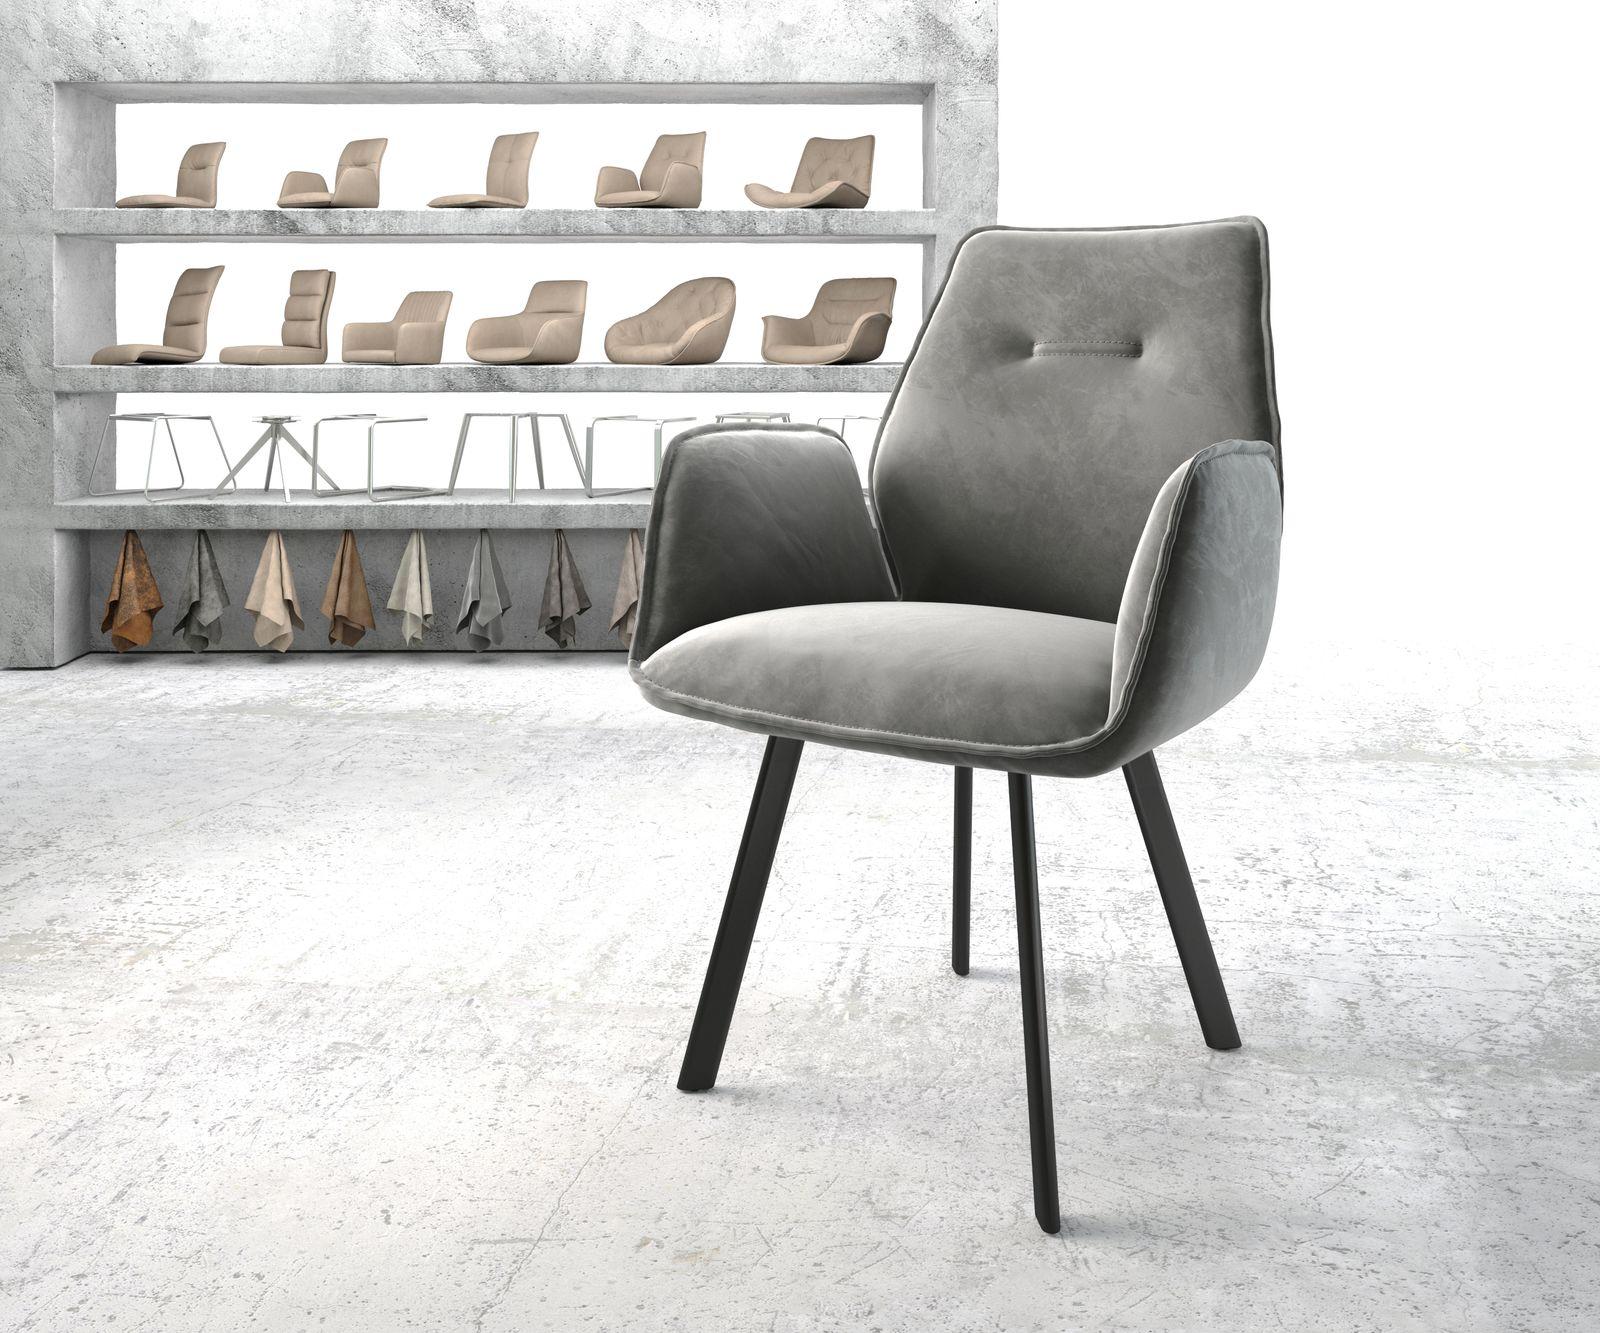 DELIFE Armlehnstuhl Zoa-Flex Grau Samt 4-Fuß oval Schwarz, Esszimmerstühle